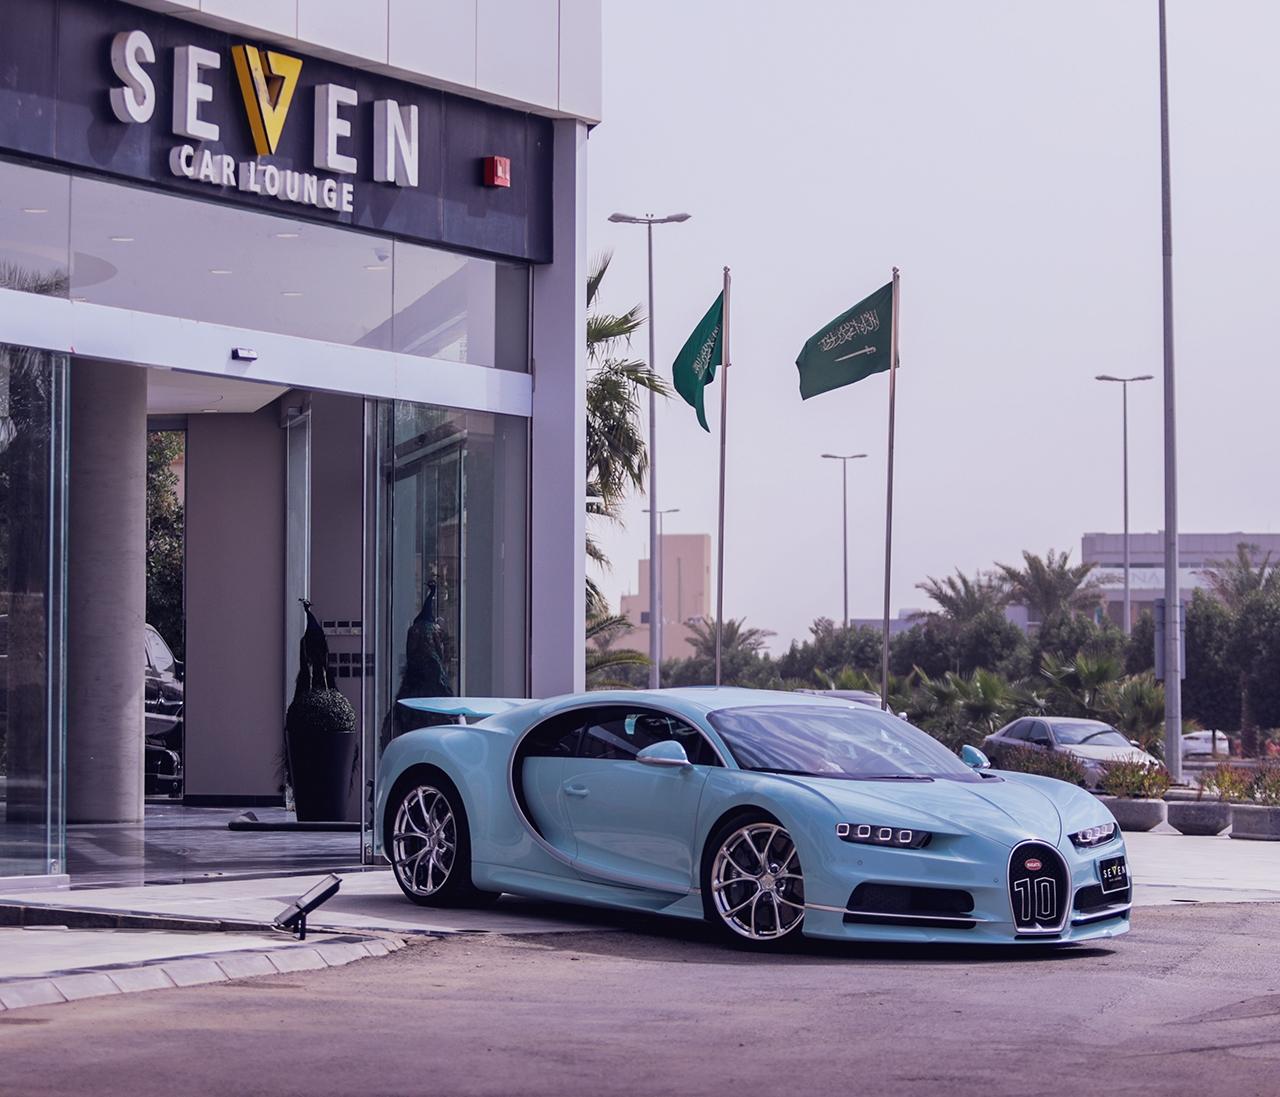 Bugatti Chiron có 1 không 2 trên thế giới đang được chào bán ở Ả-Rập Xê-út - Hình 5